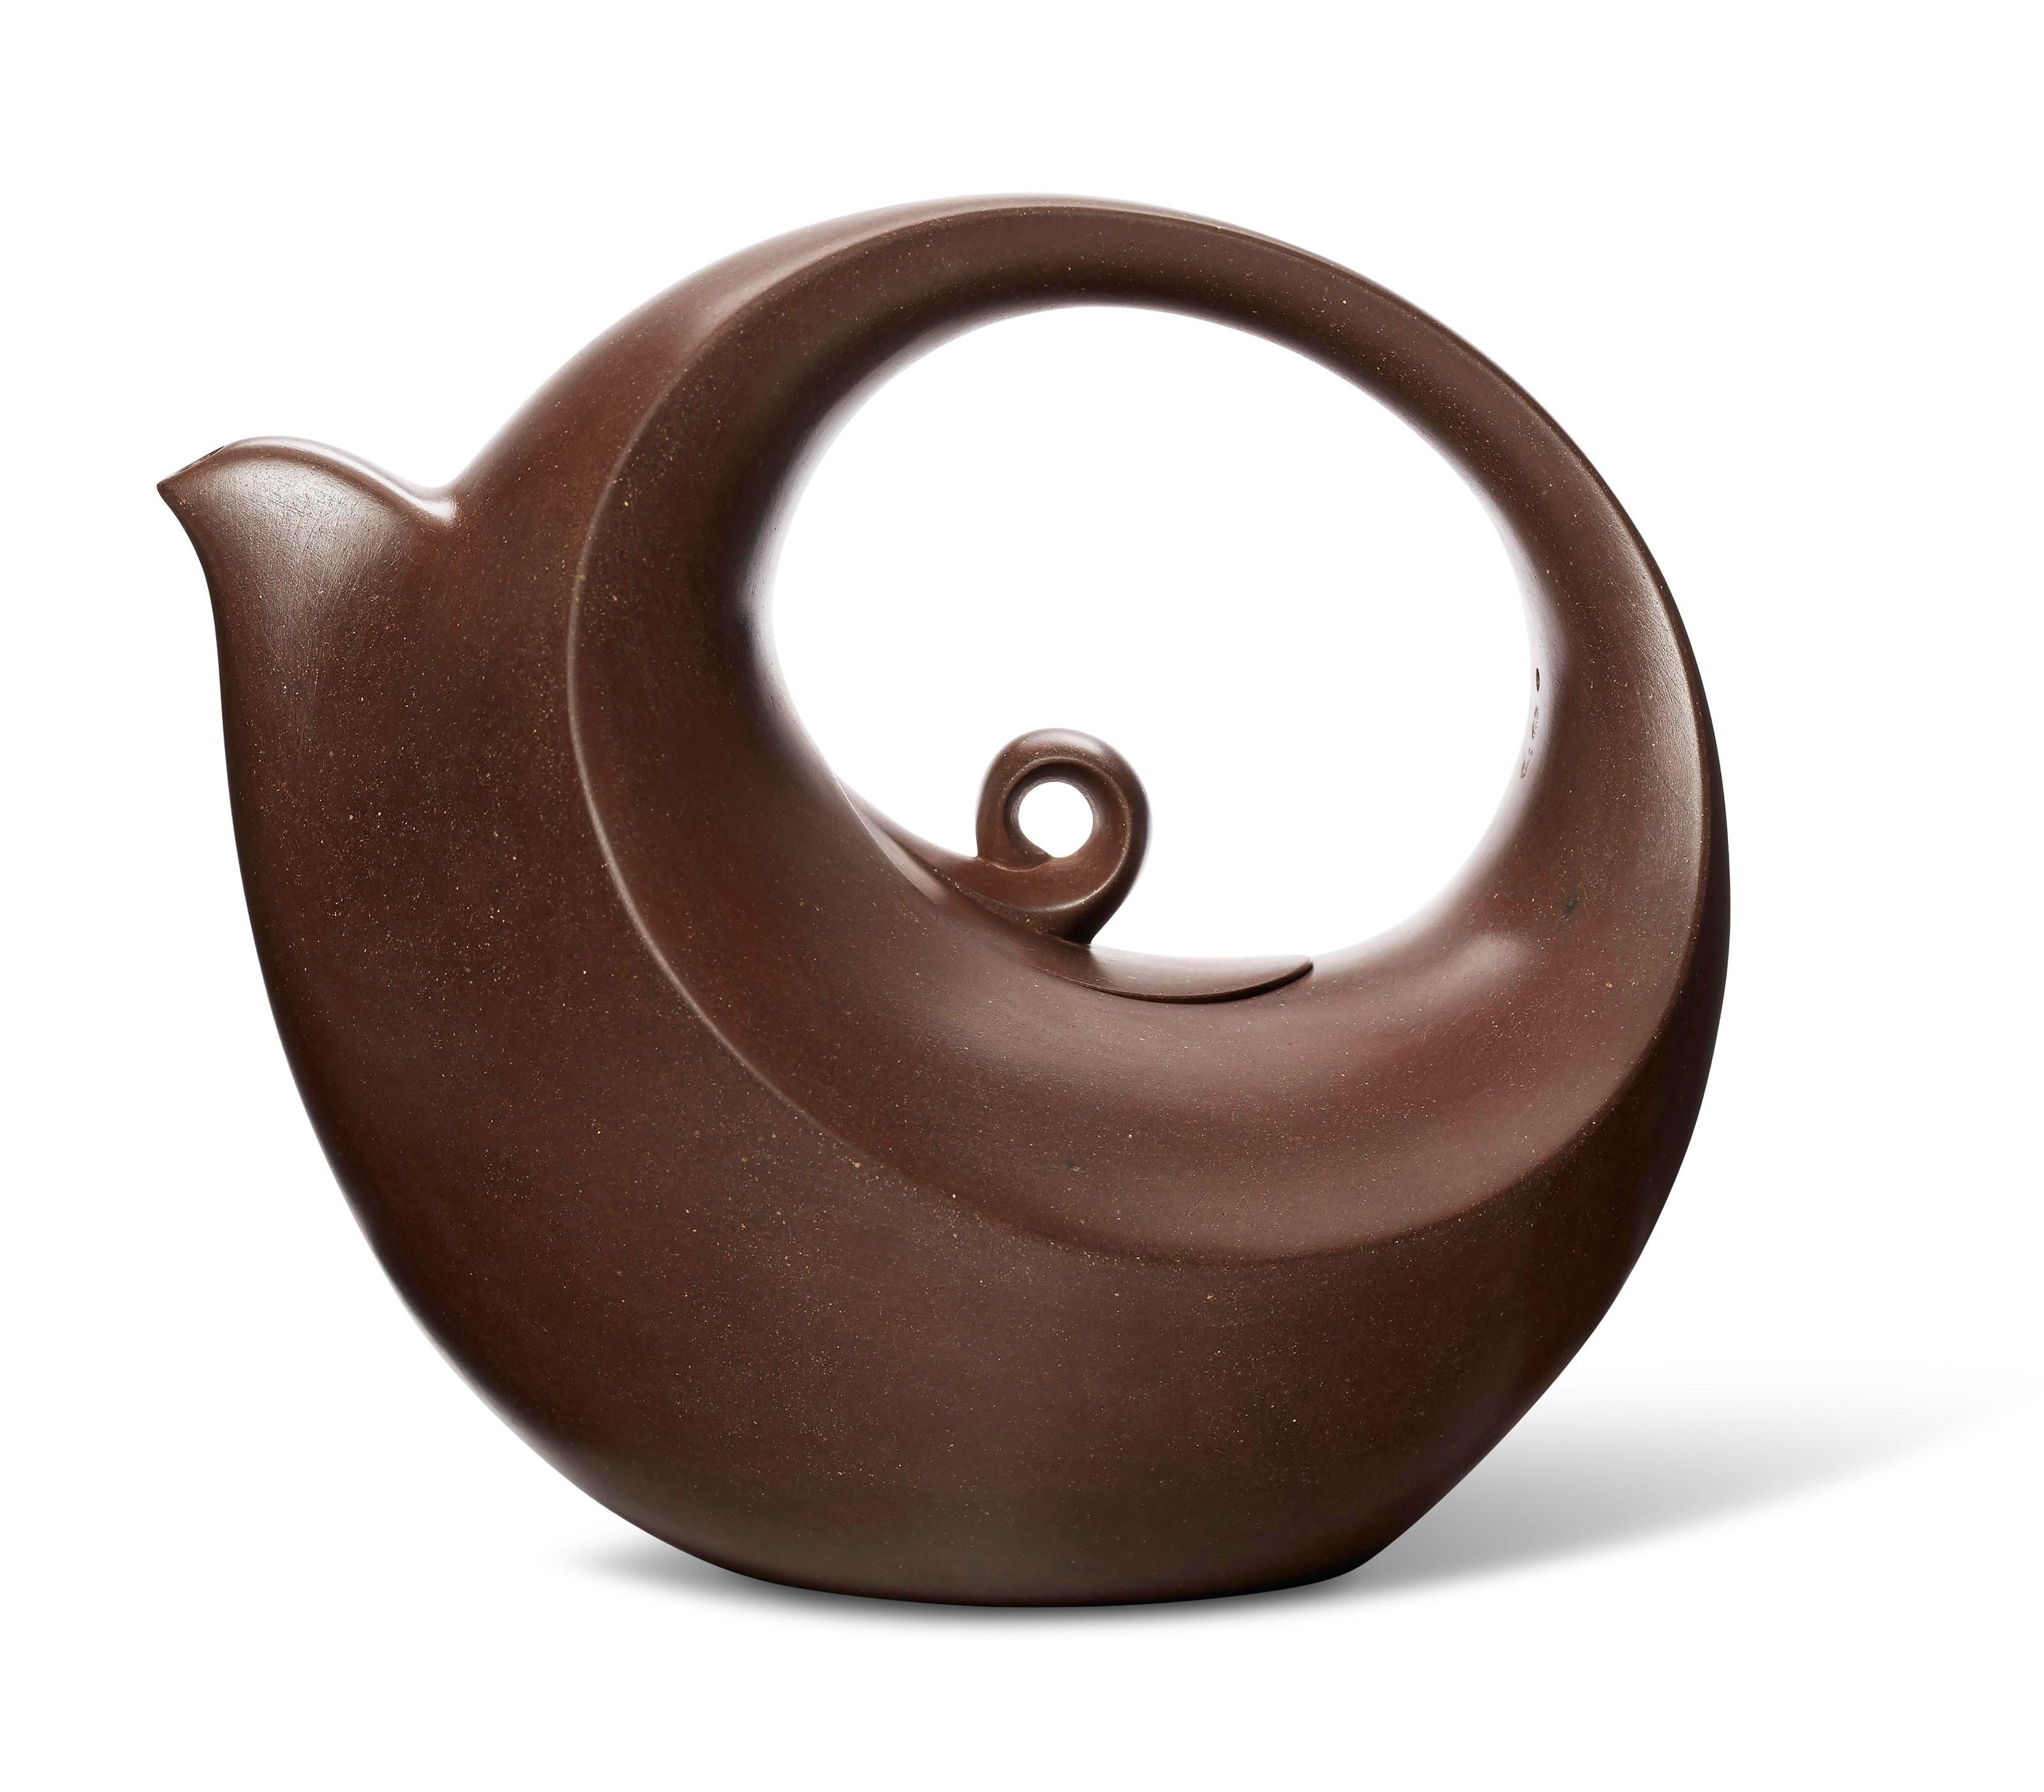 汪寅仙(1943-2018)制神鸟出林壶,宽5¾吋(14.6公分),估价:30,000-50,000美元。此拍品于3月19至26日在佳士得网上拍卖壶里乾坤:欧云伉俪珍藏宜兴紫砂器中呈献。